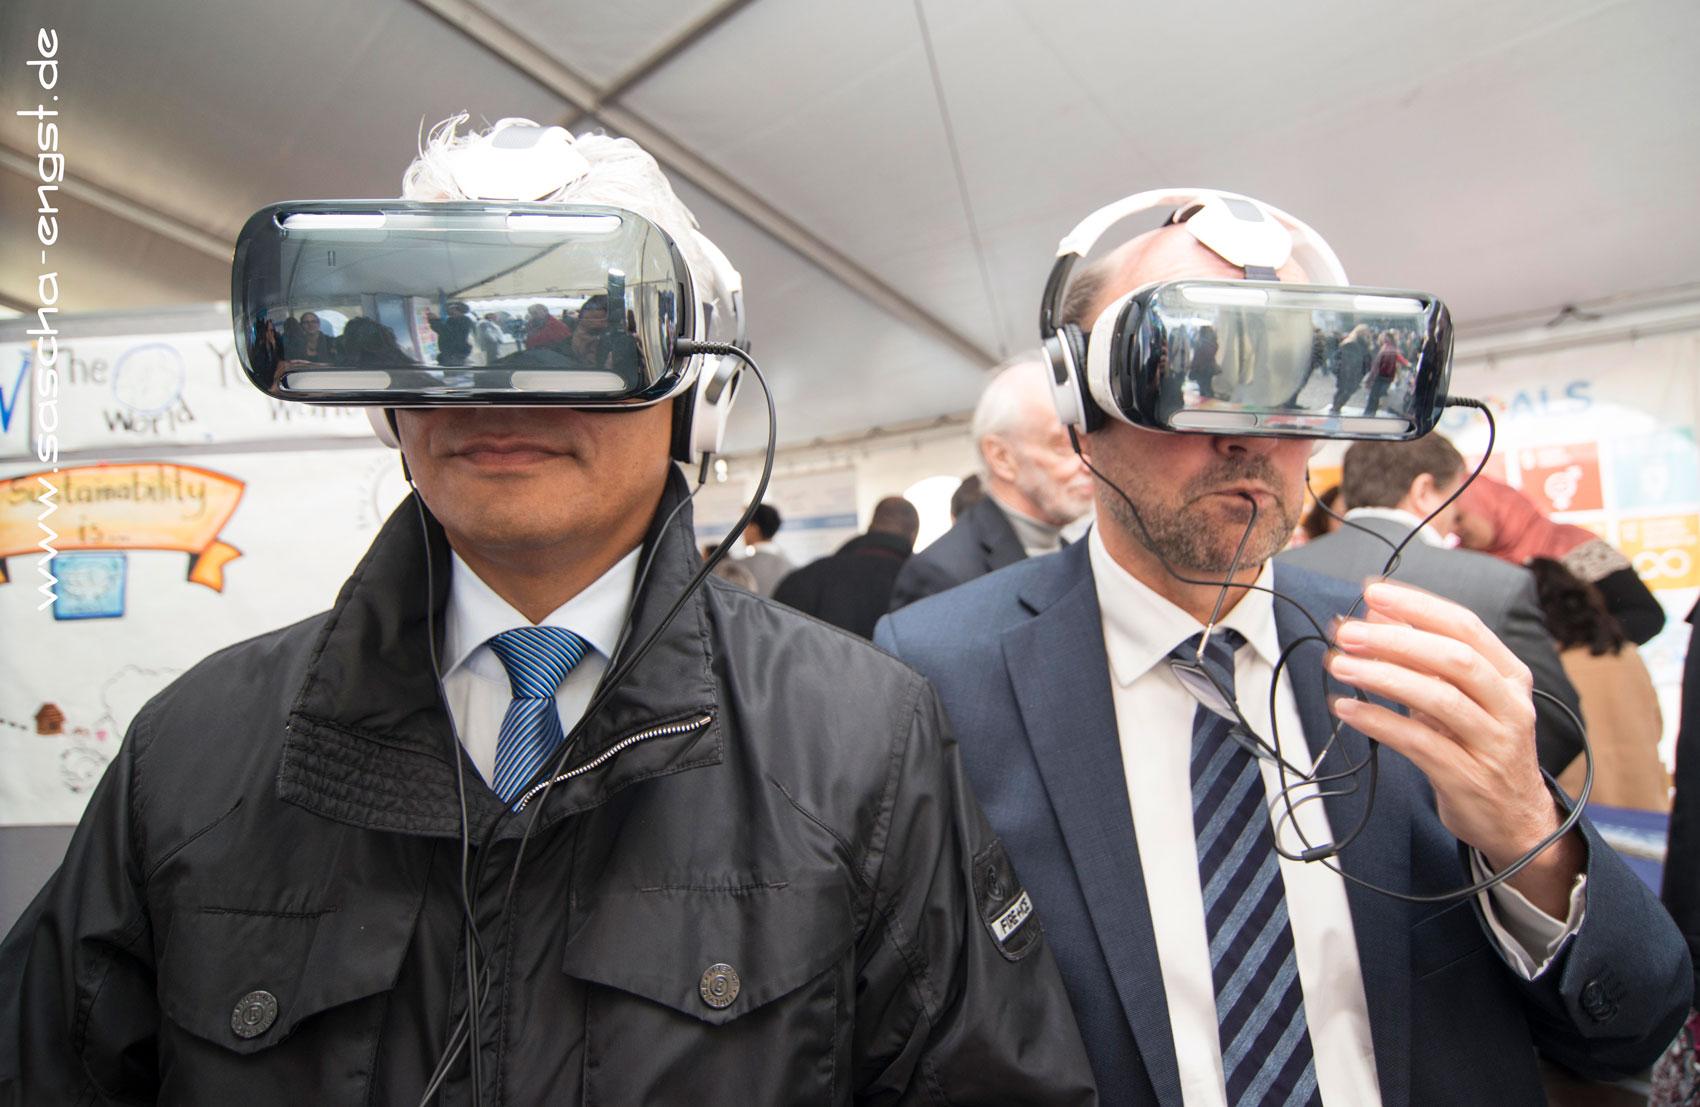 Bonns Oberbürgermeister Ashok Sridharan (links) und Minister Franz-Josef Lersch-Mense (rechts) probieren Virtualle Brillen am Stand des United Nations System Staff College aus.